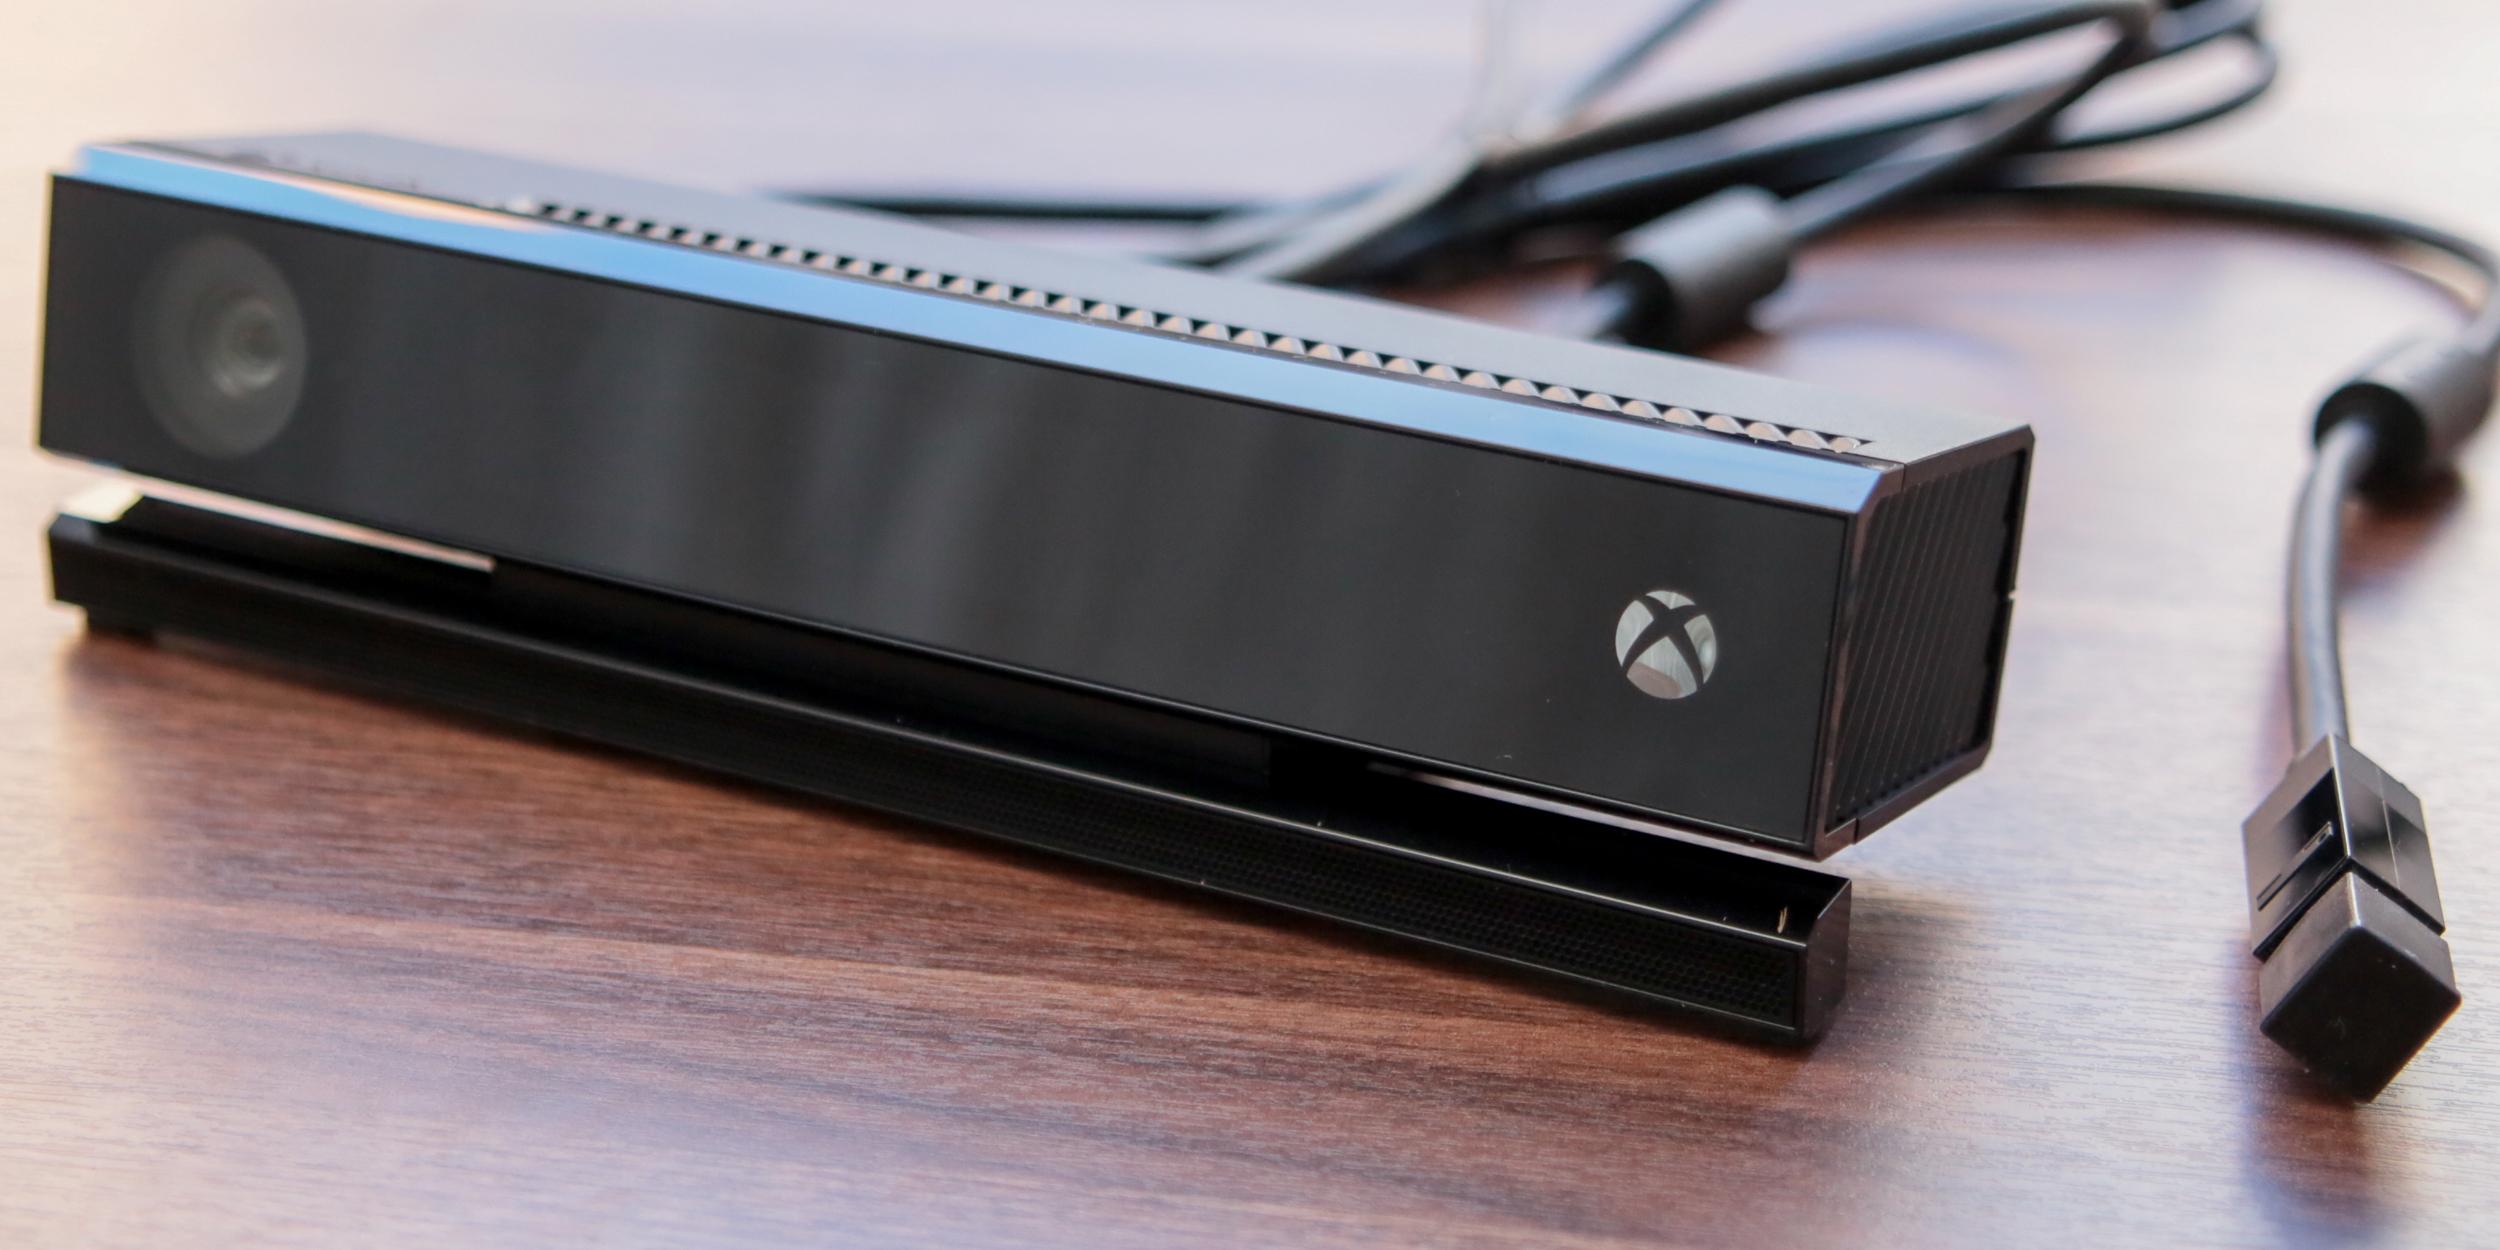 Прощай, Kinect. Почему Microsoft оставляет свой самый амбициозный проект